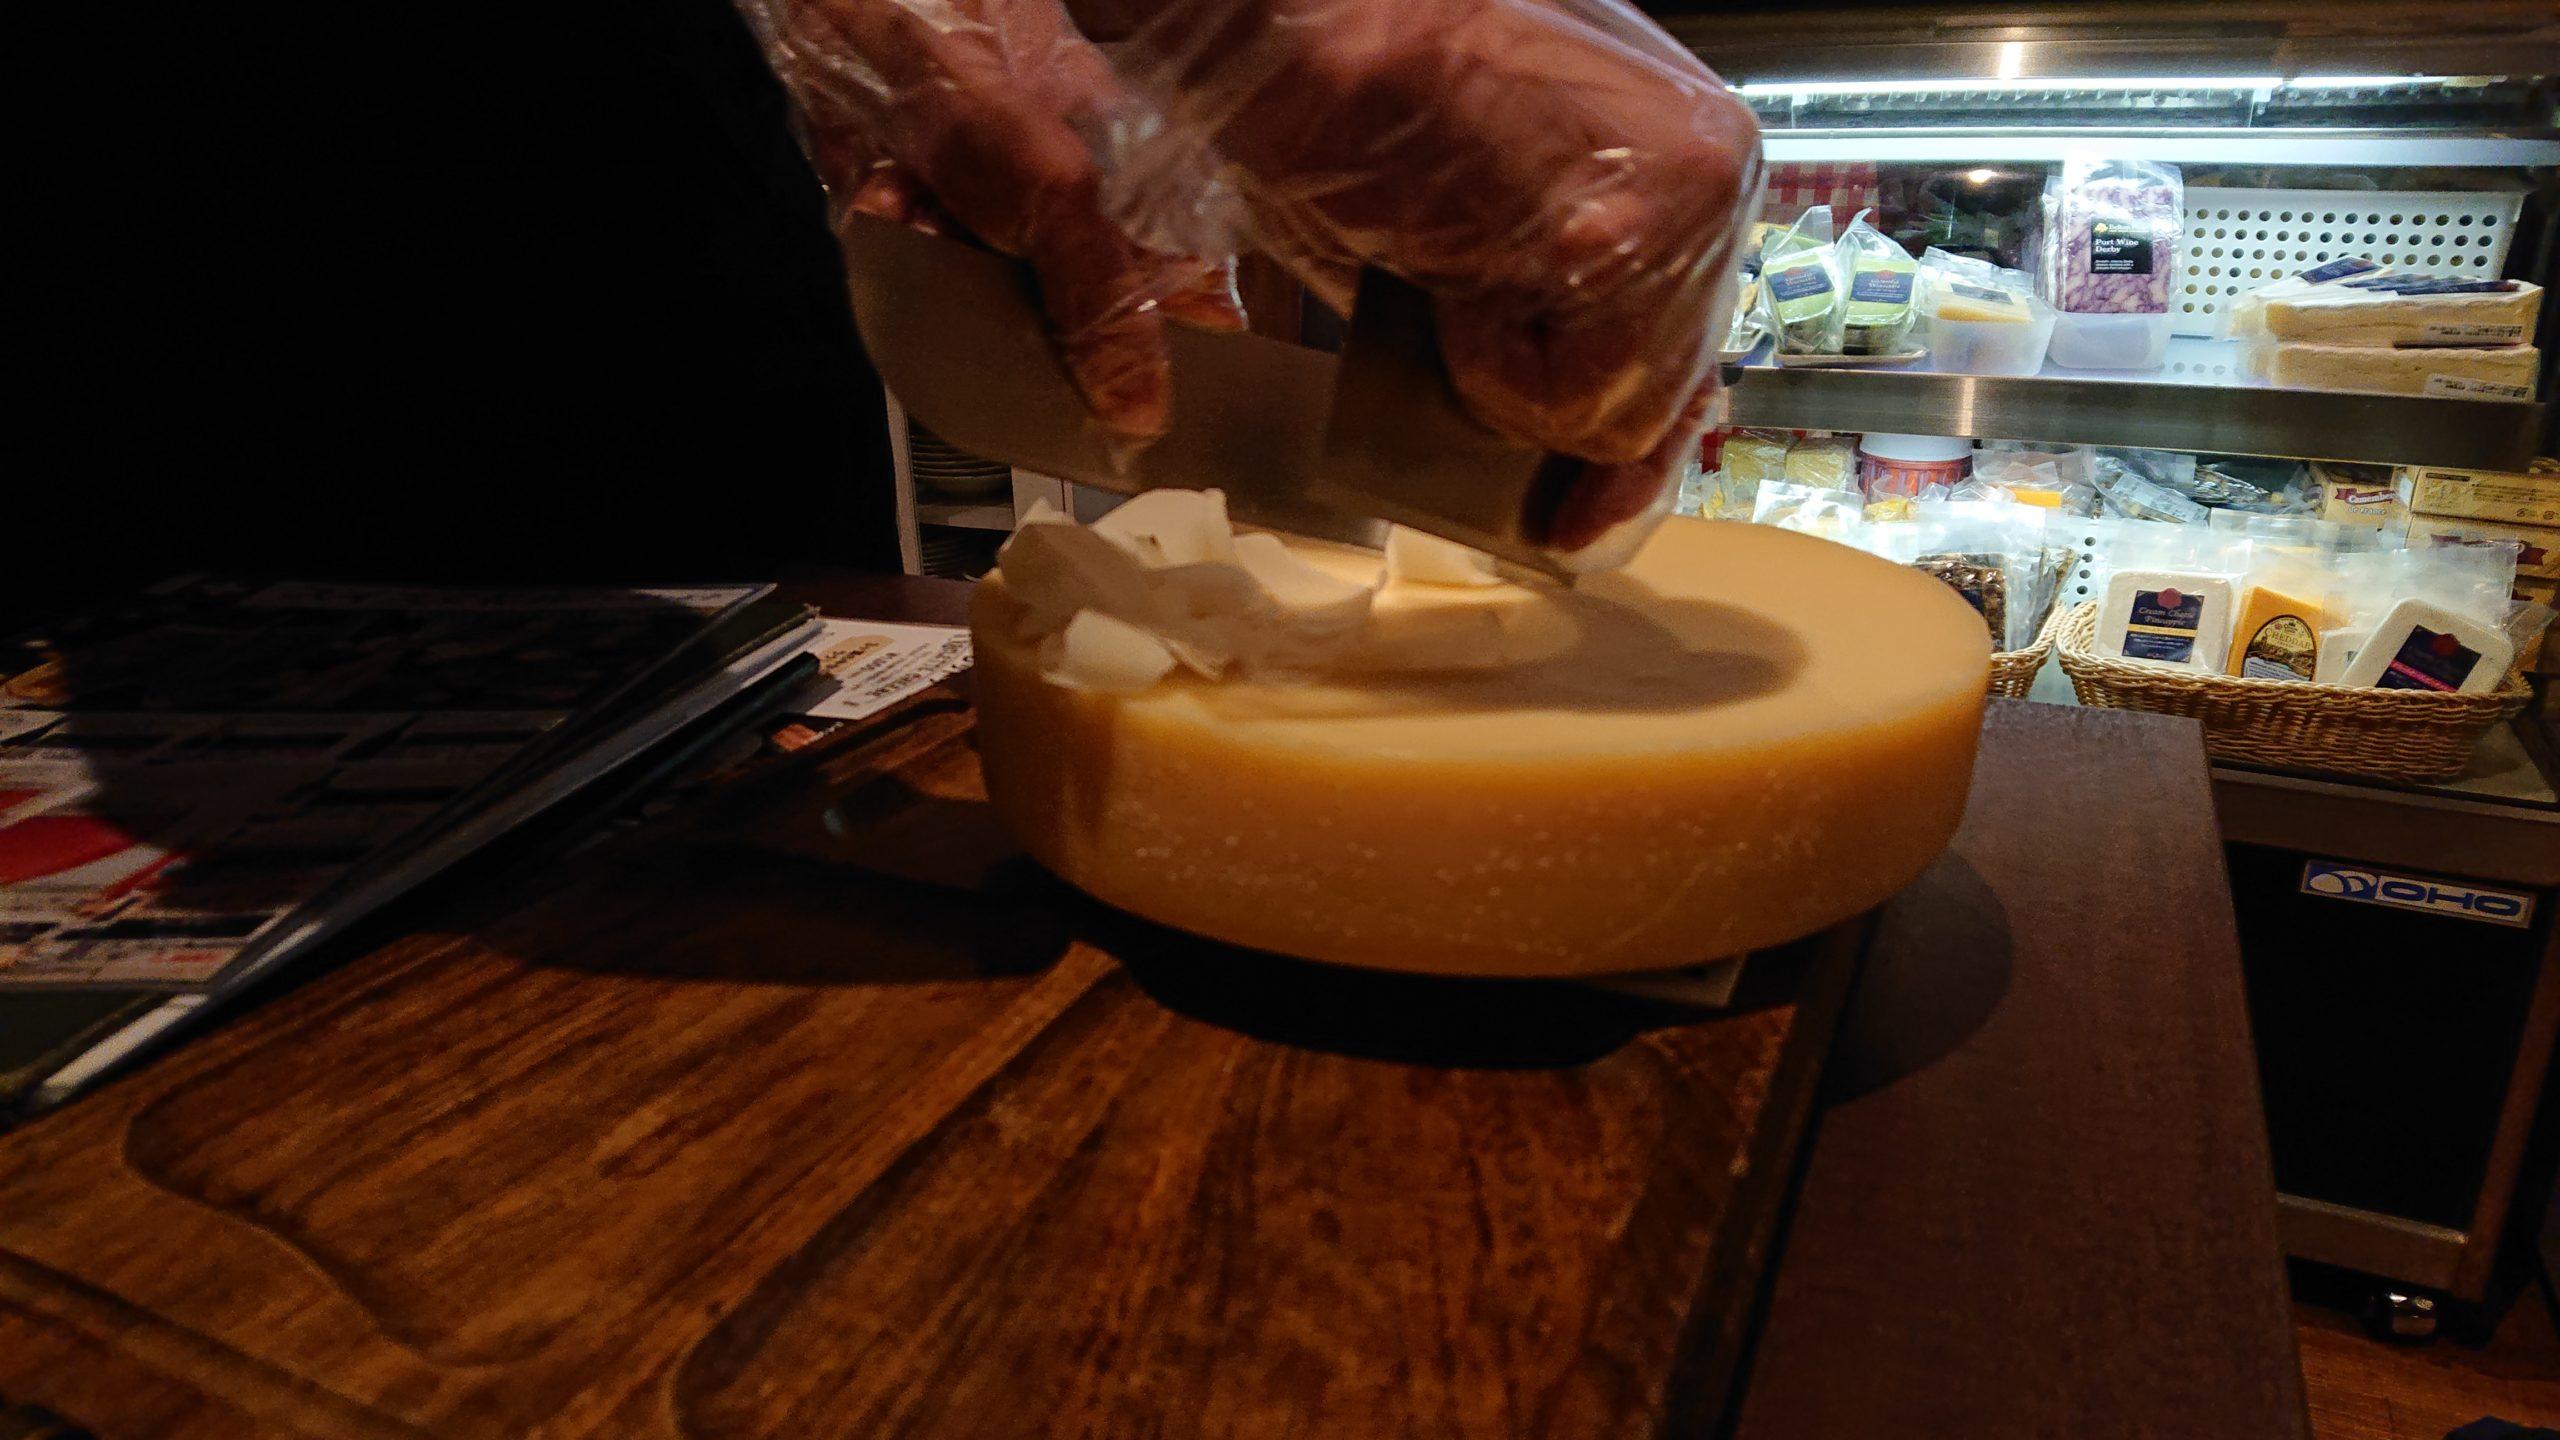 湯島天神横のラクレットグリル、スイス料理とスイスワインのお店のデュガスチーズ添え